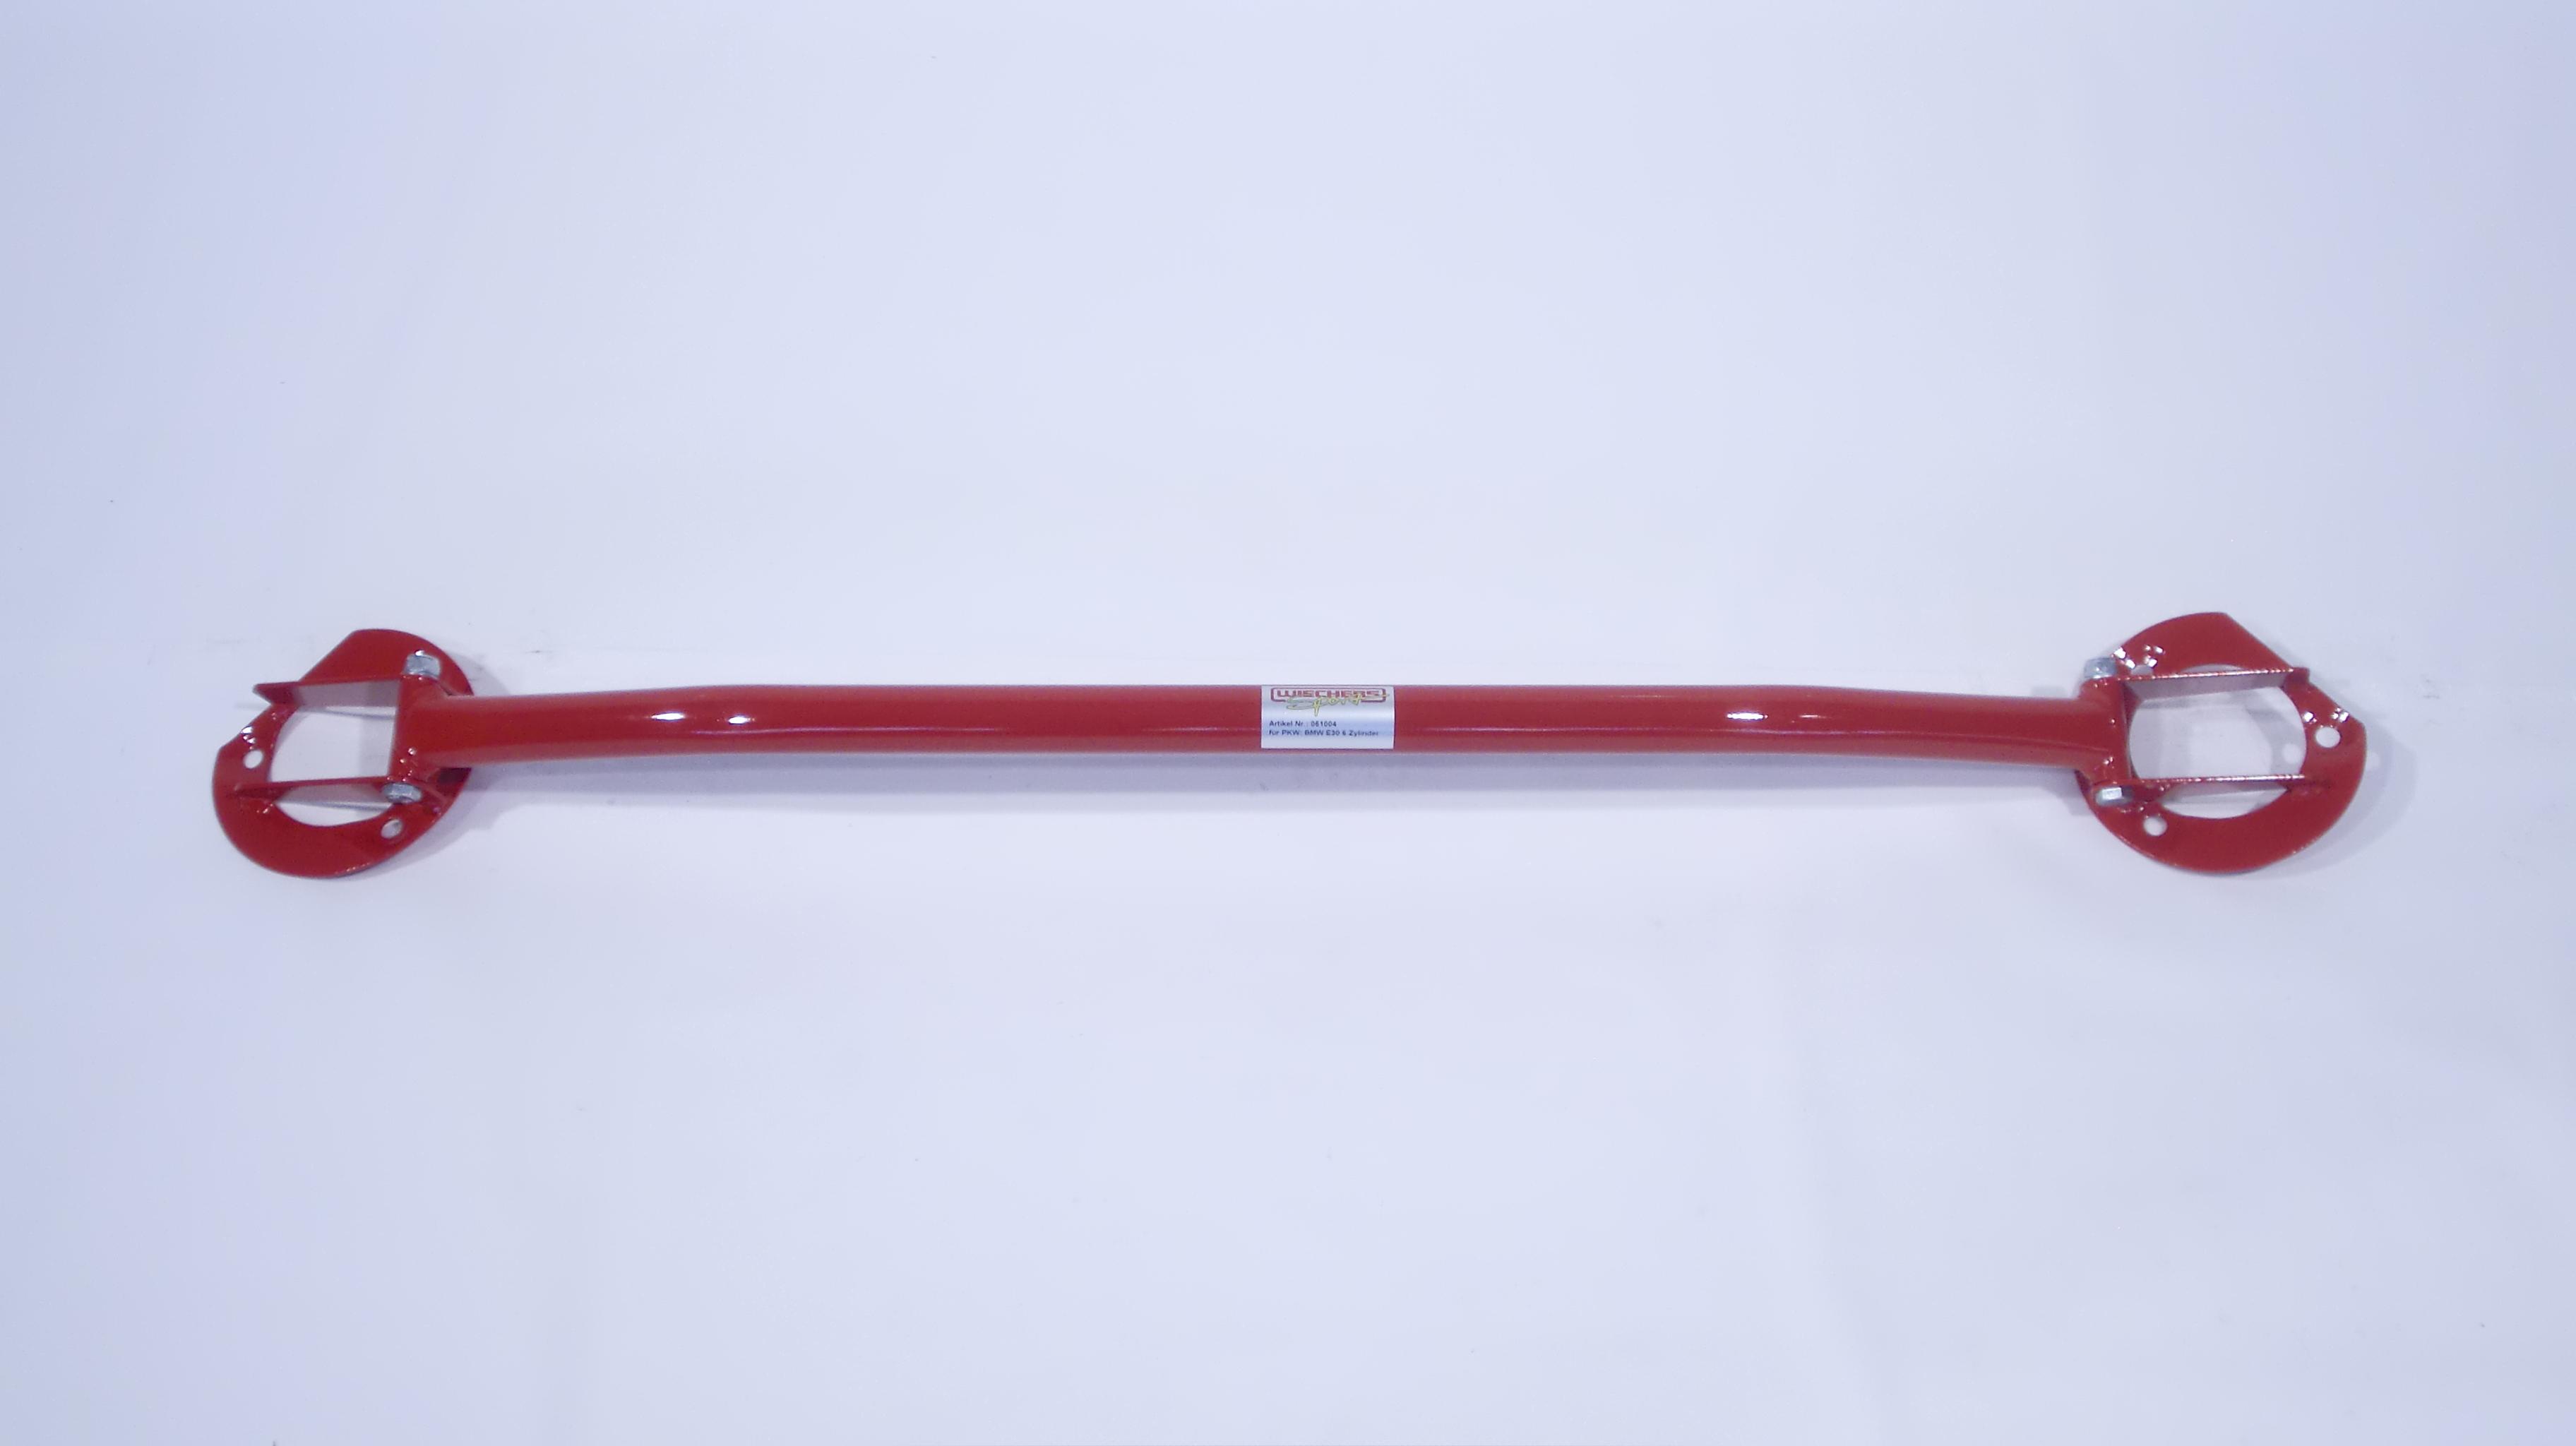 Wiechers 061004 Domstrebe Stahl vorne oben für BMW E30 6 Zylinder